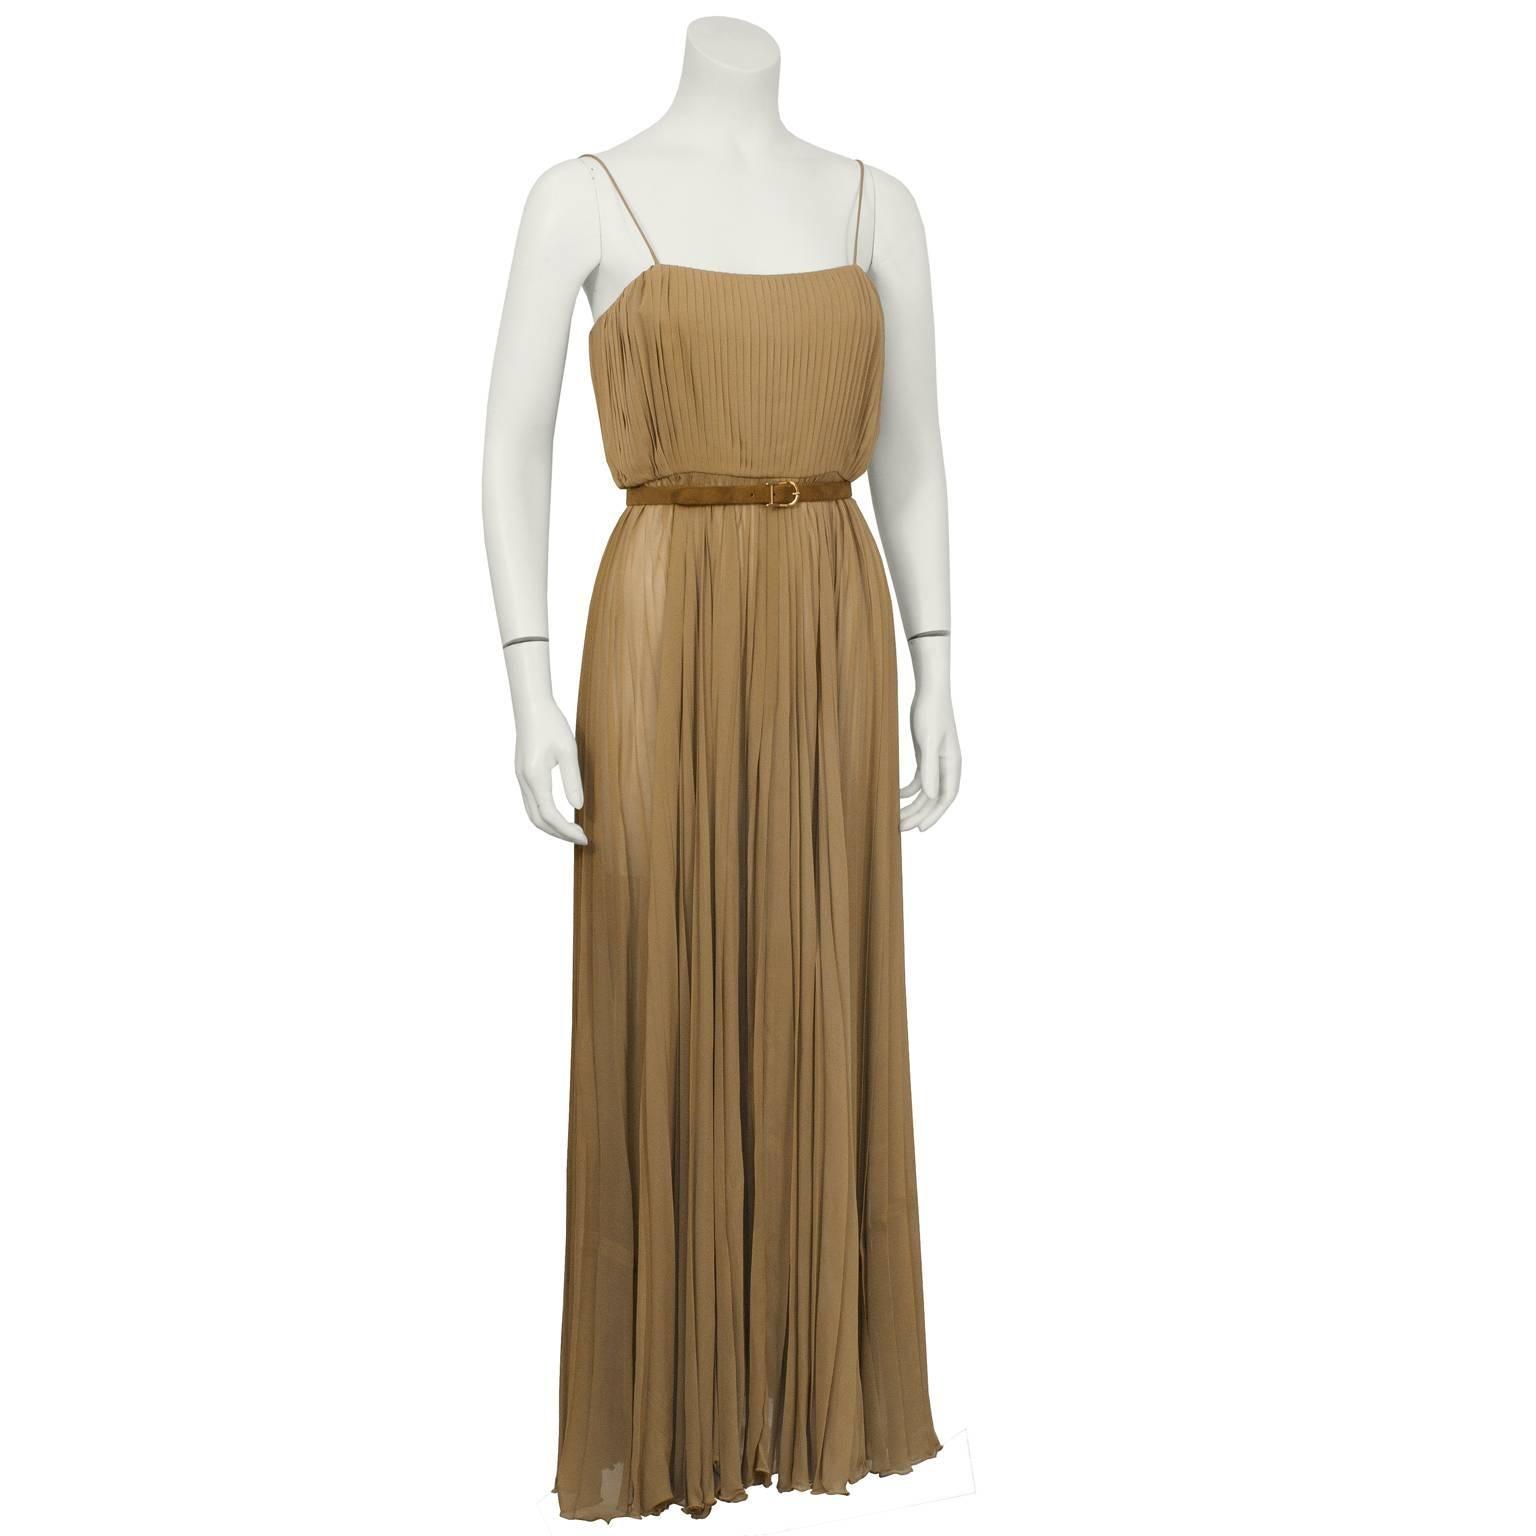 Bill Blass Mocha Chiffon Pleated Gown w/ Belt For Sale at 1stdibs